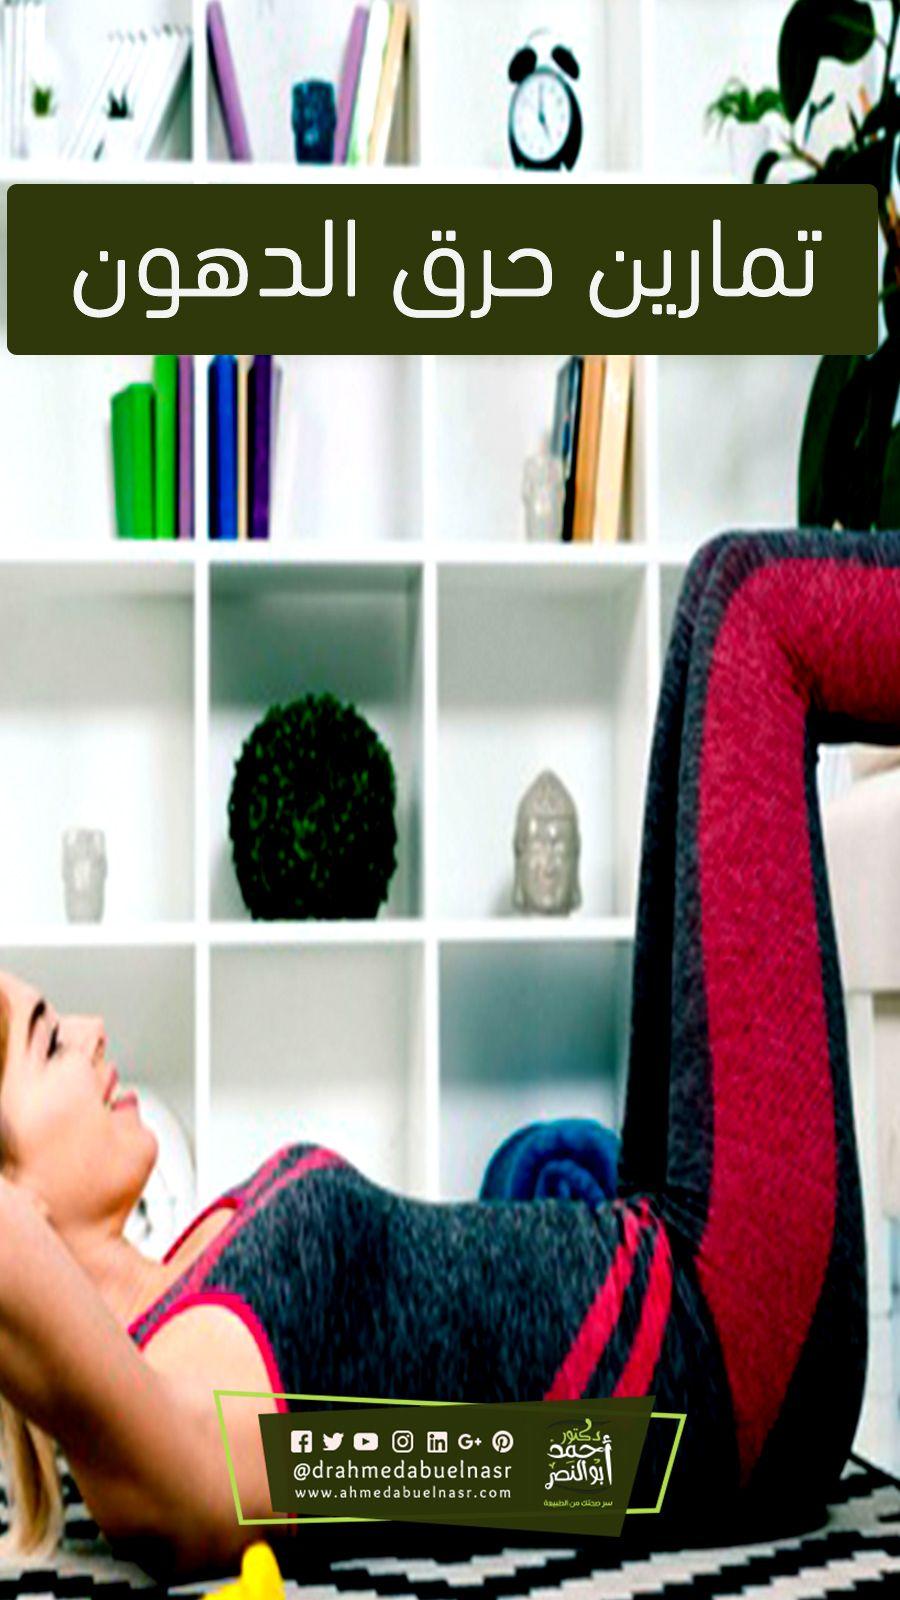 تمارين حرق الدهون بالصور Merino Wool Blanket Wool Blanket Blanket